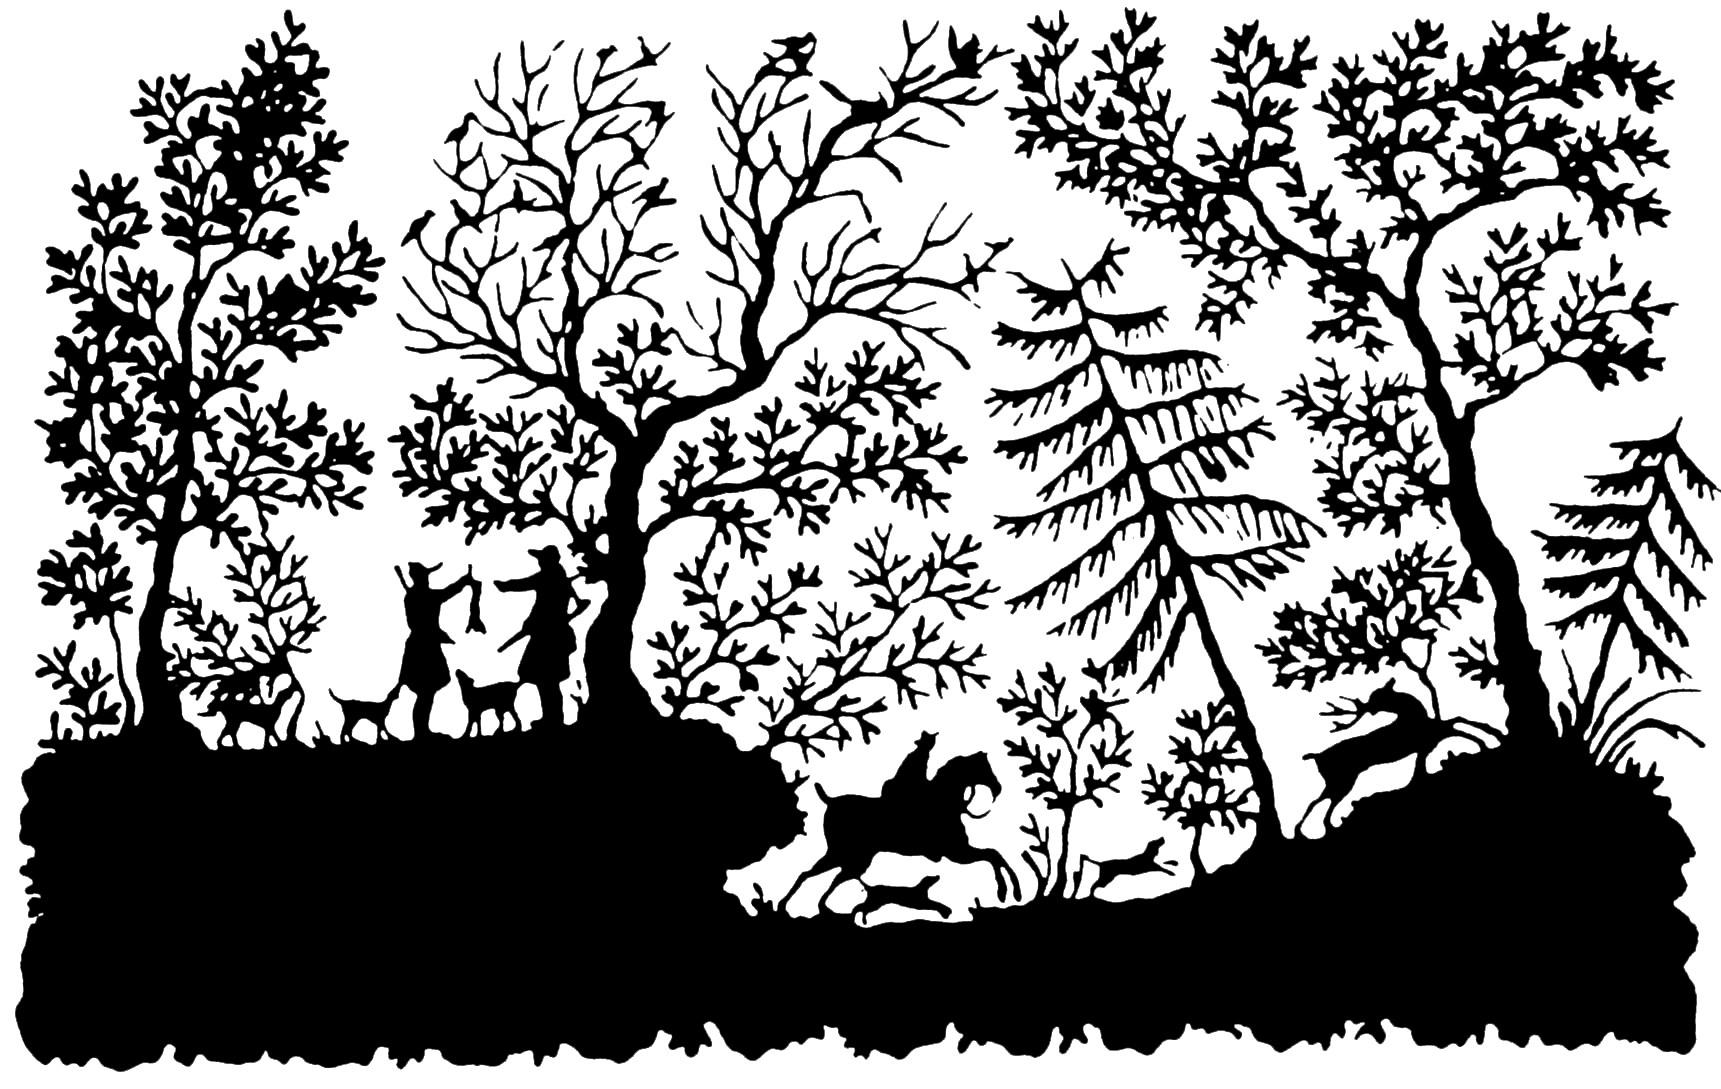 Datei bettina von arnim wikipedia - Scherenschnitt vorlagen zum ausdrucken weihnachten ...